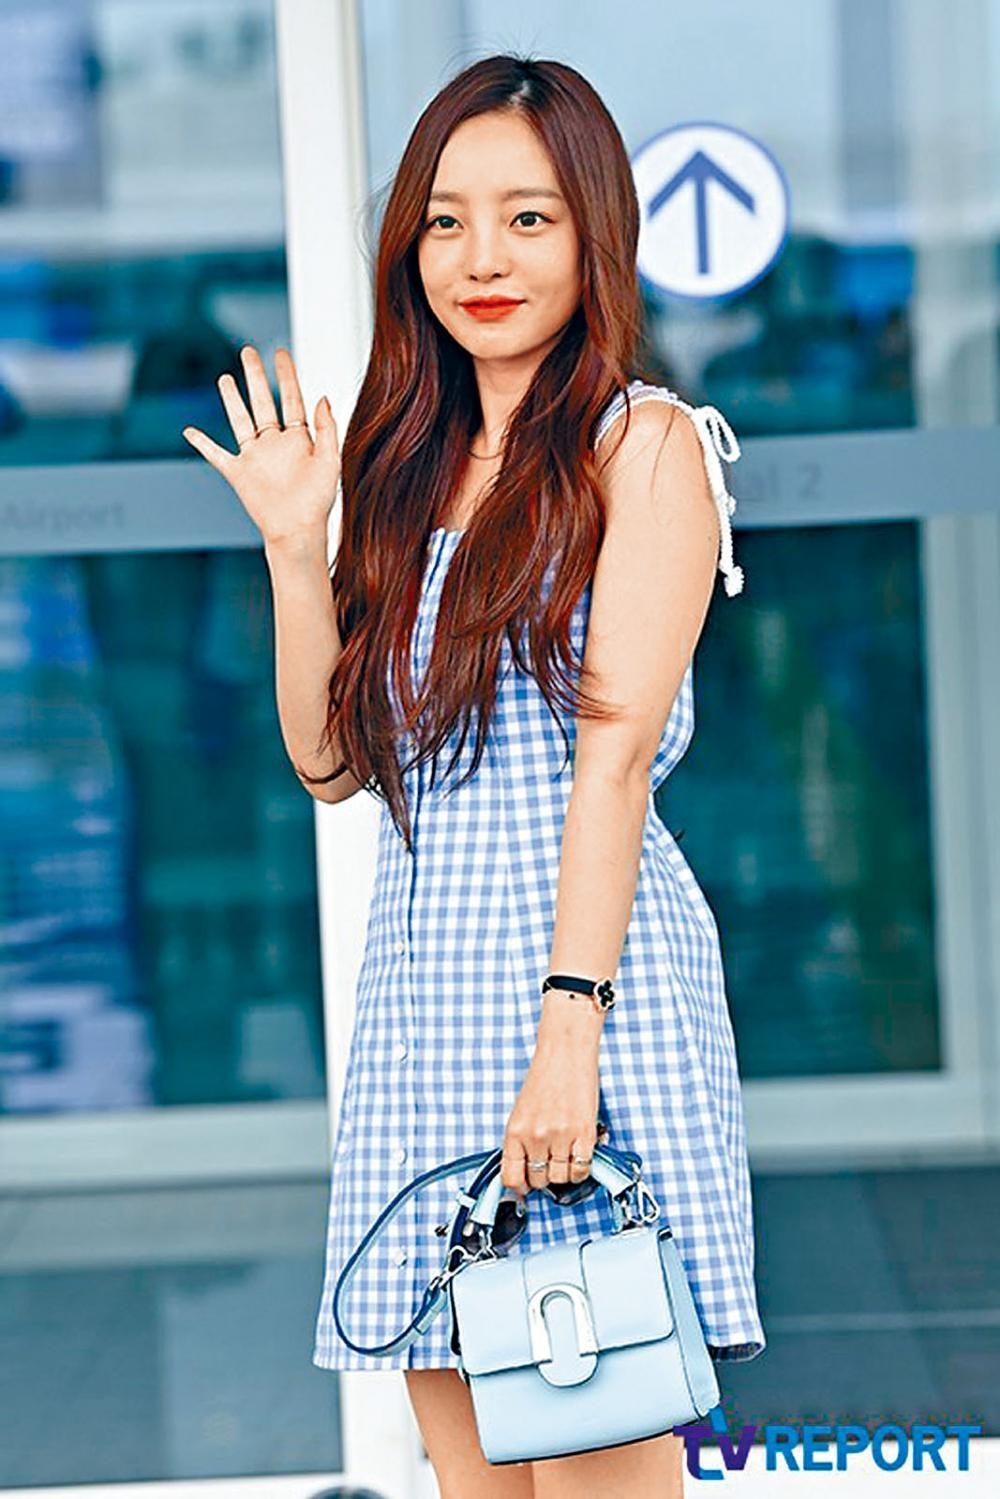 韓國女星具荷拉驚傳自殺,事前於社交網發文吐苦水及向粉絲說「再見」。